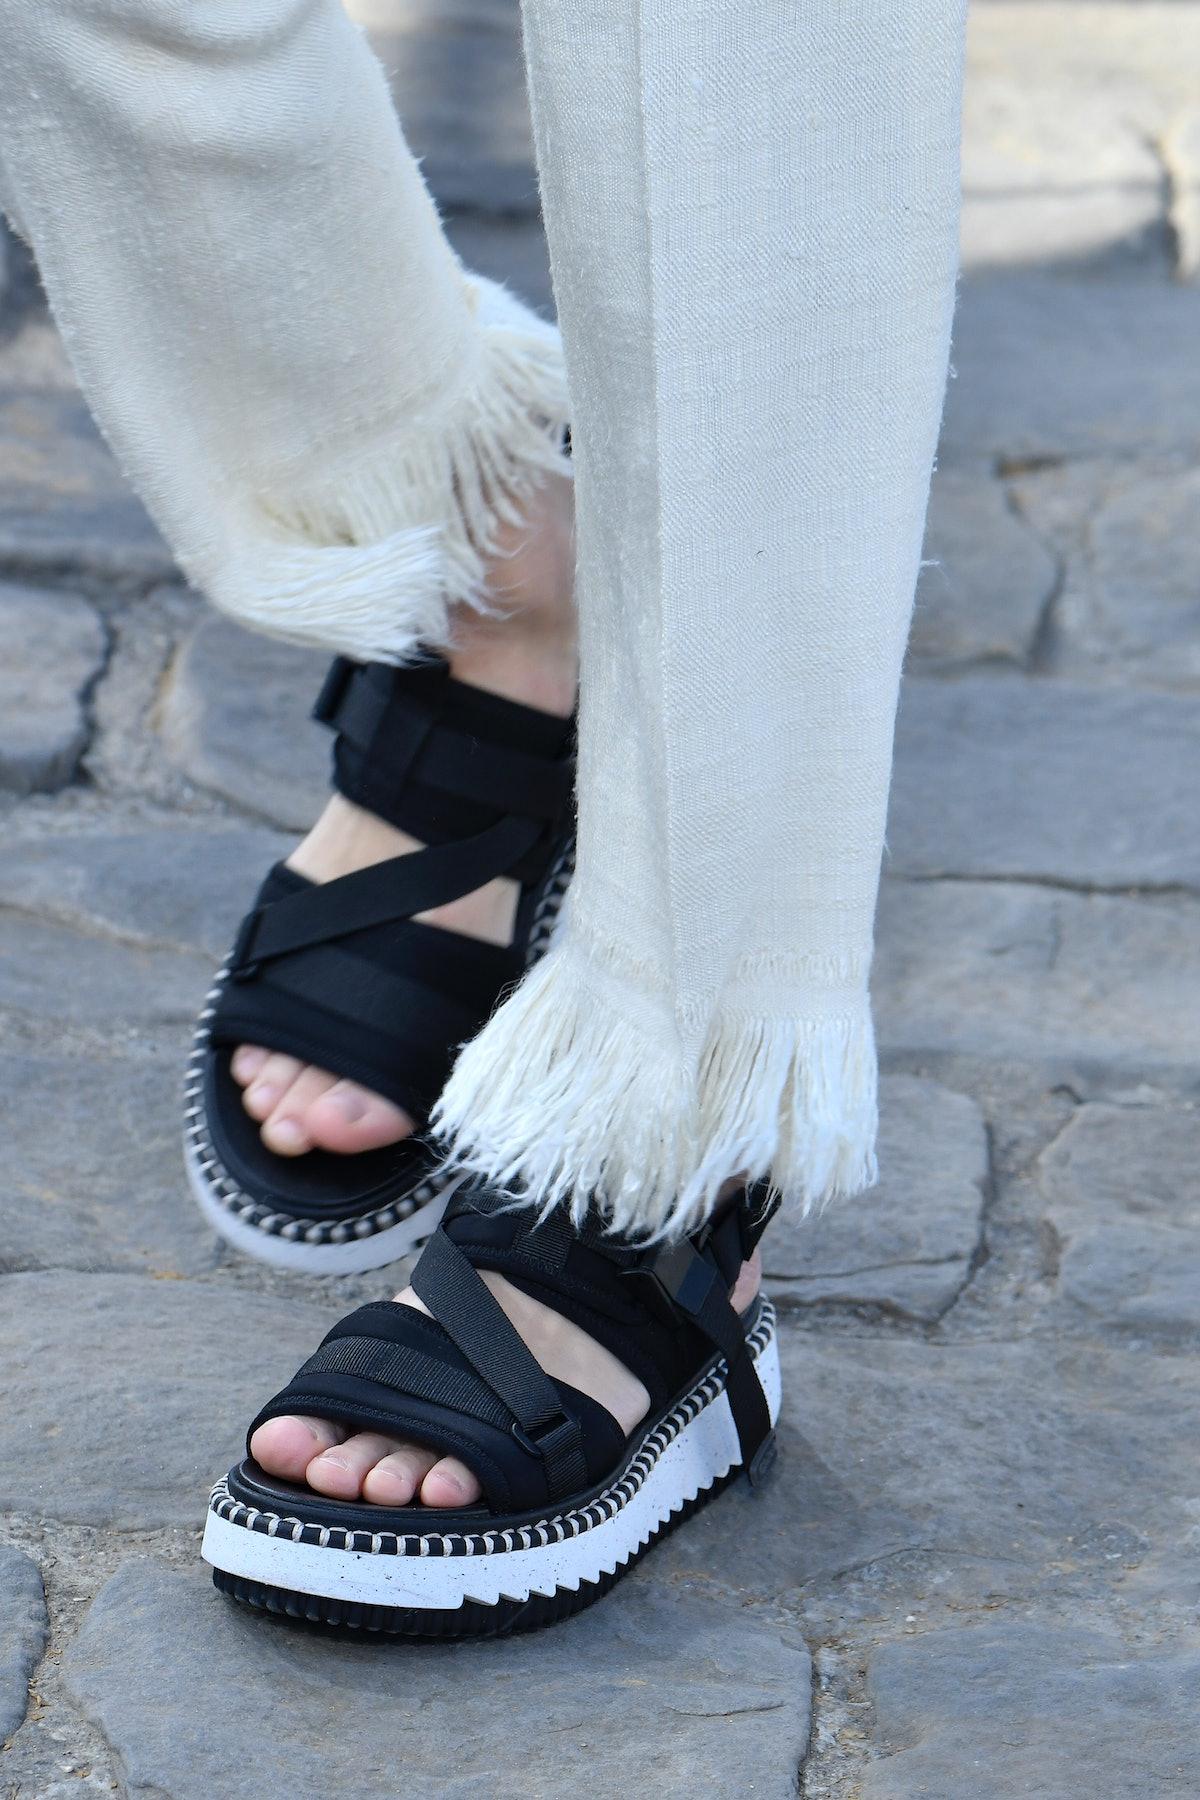 پاریس ، فرانسه - 30 سپتامبر: یک مدل در طول راه برای پوشیدن لباس آماده بهار/تابستان روی باند پیاده روی می کند ...